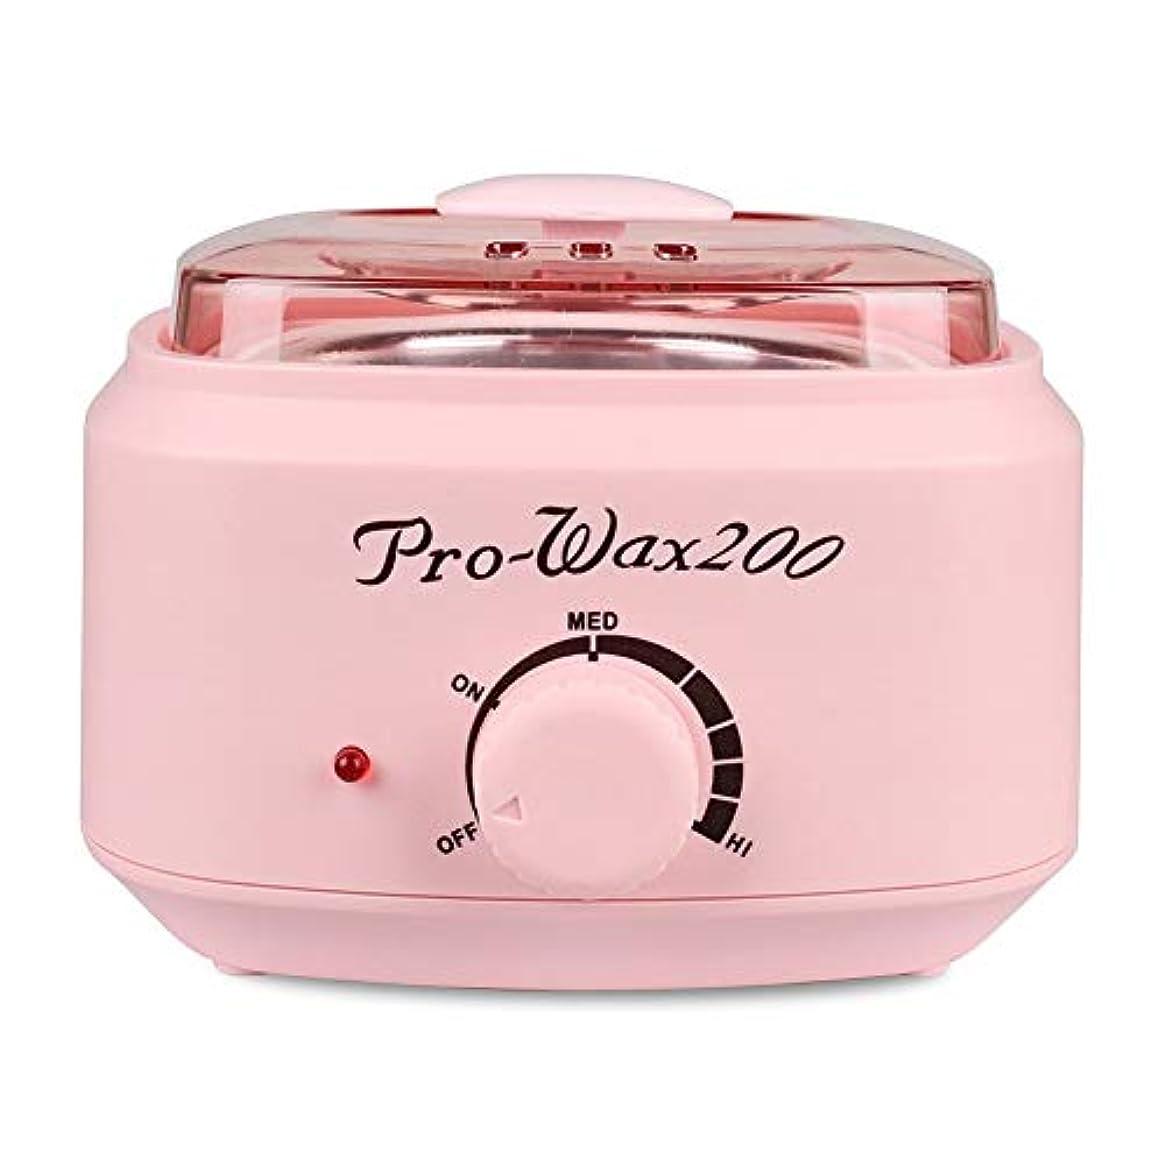 疑わしいメモ冷酷なプロの電気ワックスウォーマーとヒーター、速くて痛みのない脱毛、楽器多機能溶融ワックスマシンホームワックス女性/男性用500CC (Color : Pink)